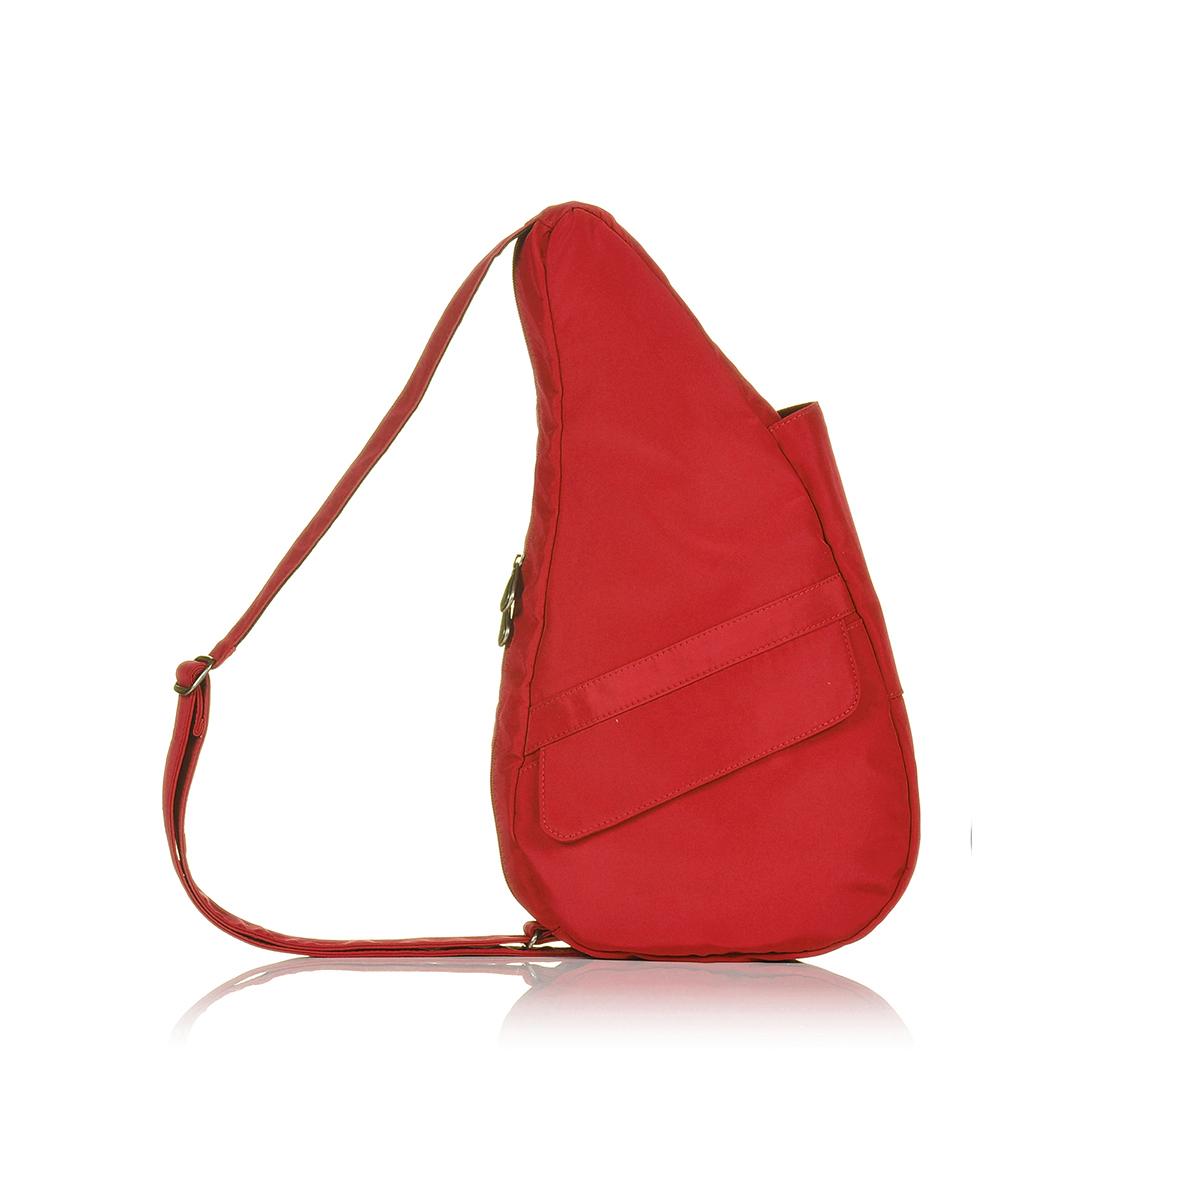 Healthy Back Bag/ヘルシーバックバッグ/ショルダーバッグ/ボディバッグ/旅行バッグ/軽量/レディース/メンズ 《限定ポーチ付》 公式ストア ヘルシーバックバッグ マイクロファイバー Sサイズレッド